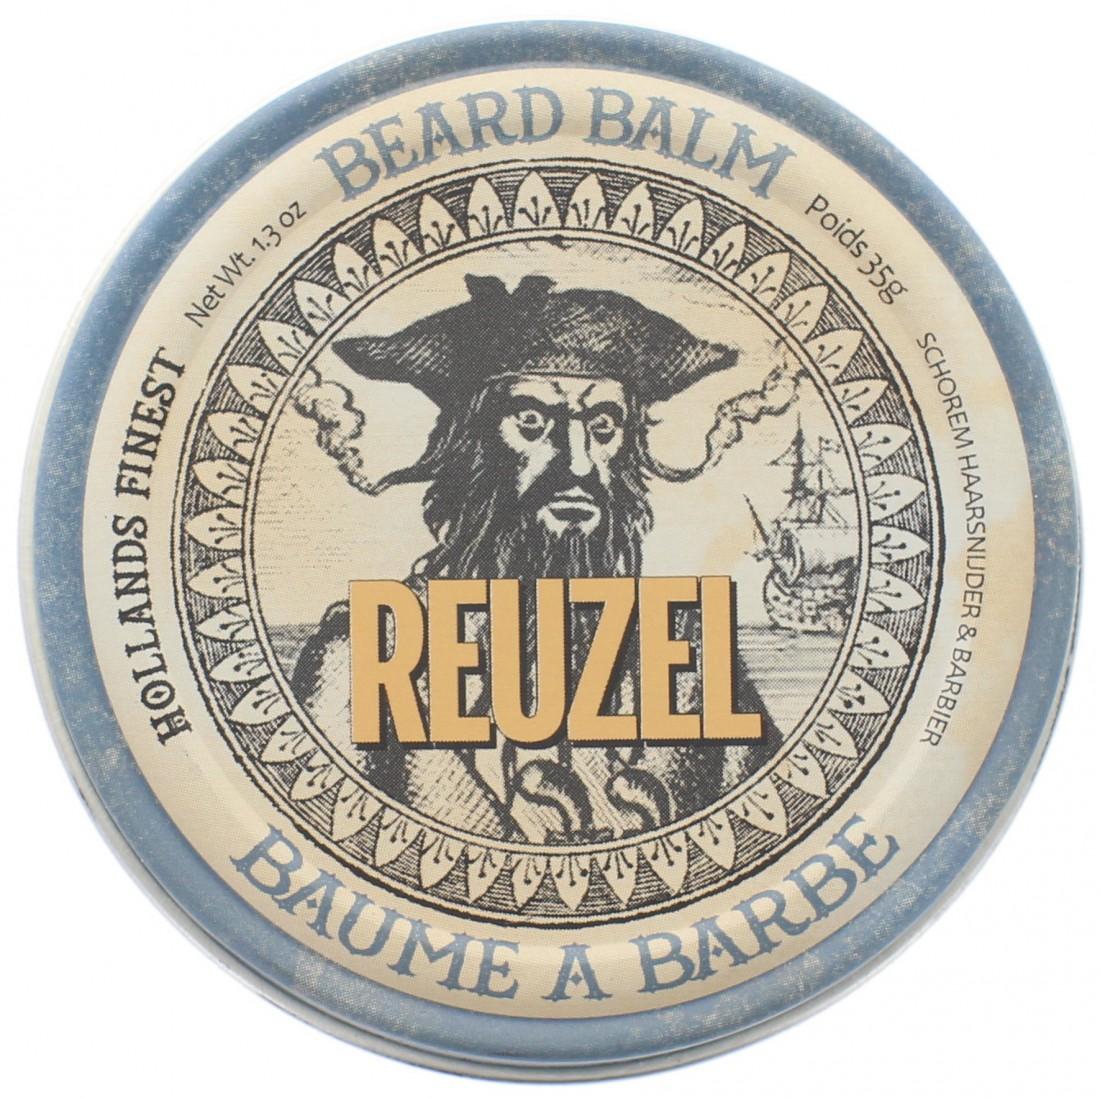 Бальзам для бороды Reuzel Beard Balm. Цена — $13